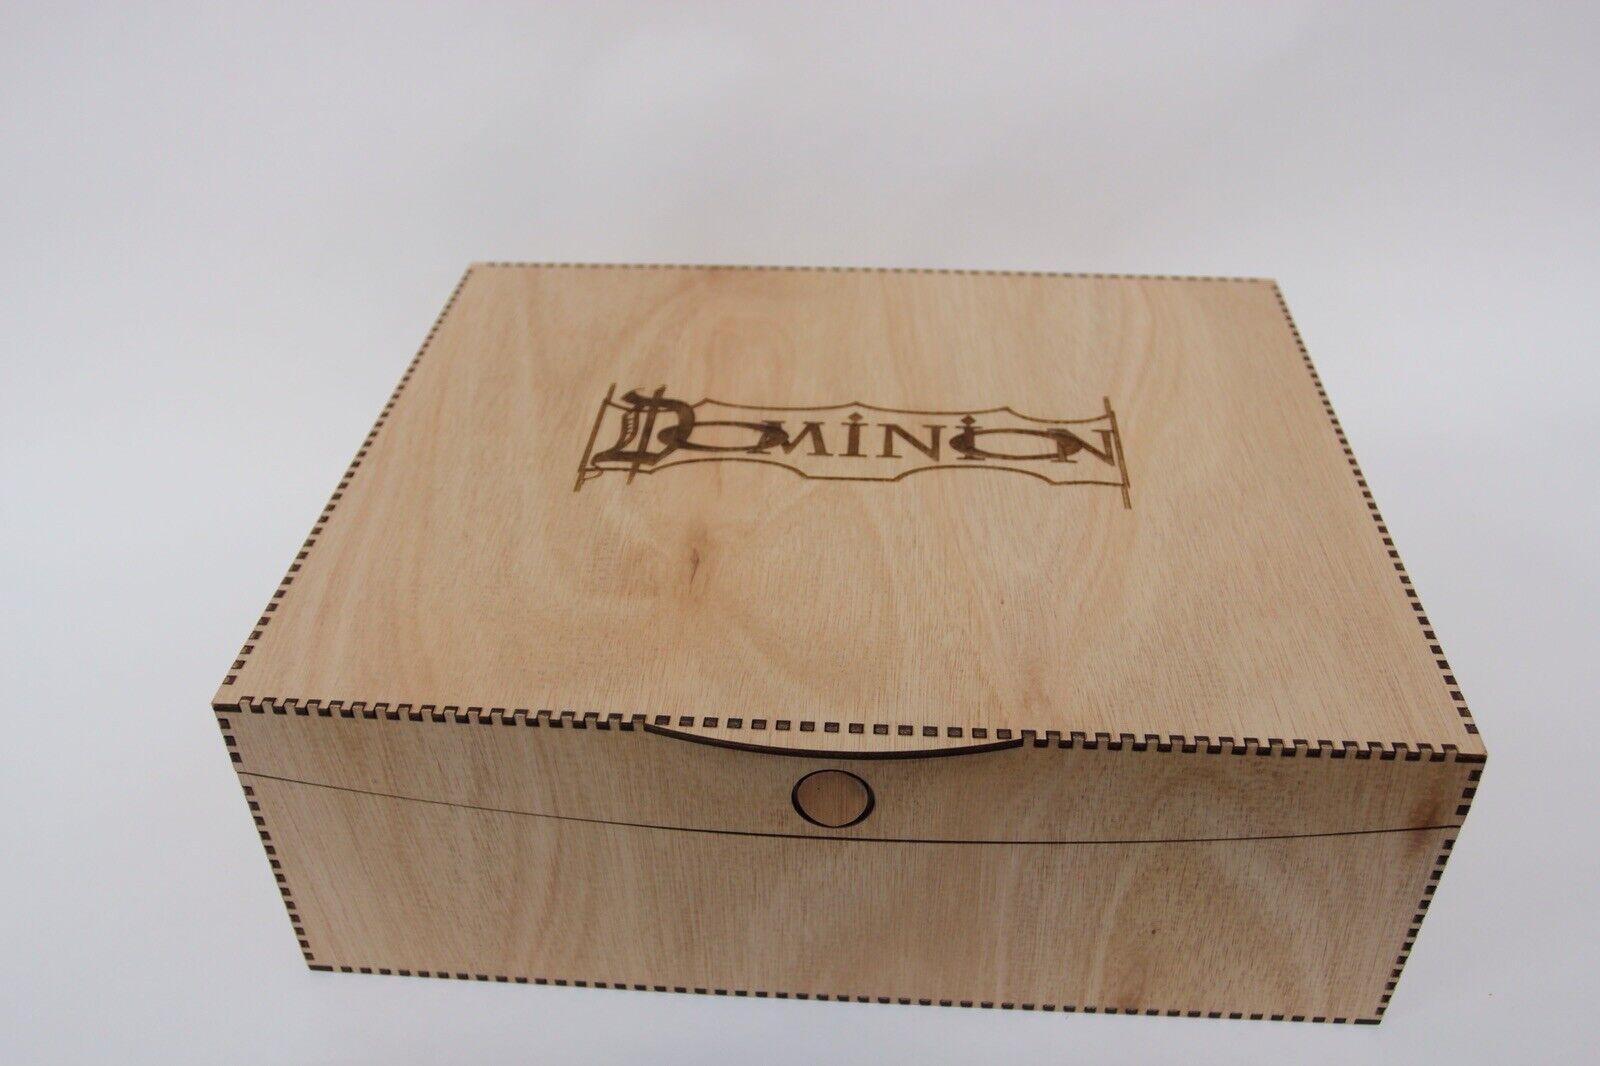 DOMINION Storage box - hardwood lasercut beautifully finished with engraving